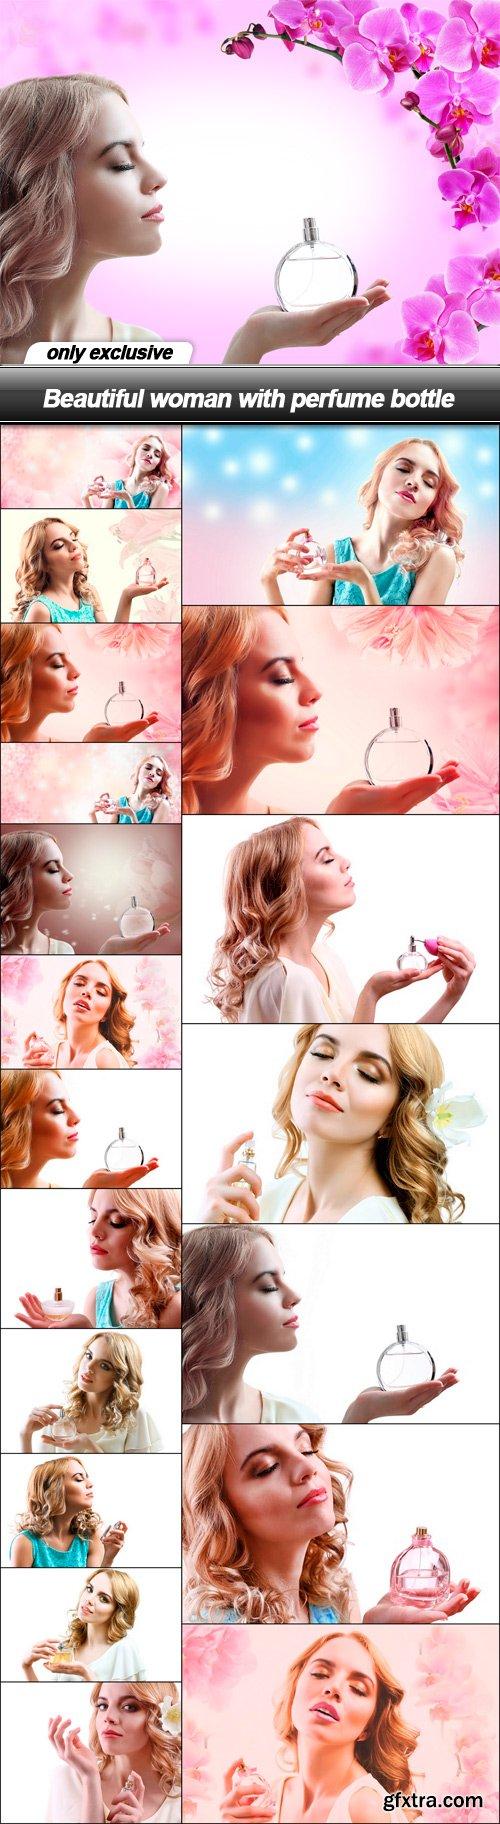 Beautiful woman with perfume bottle - 20 UHQ JPEG